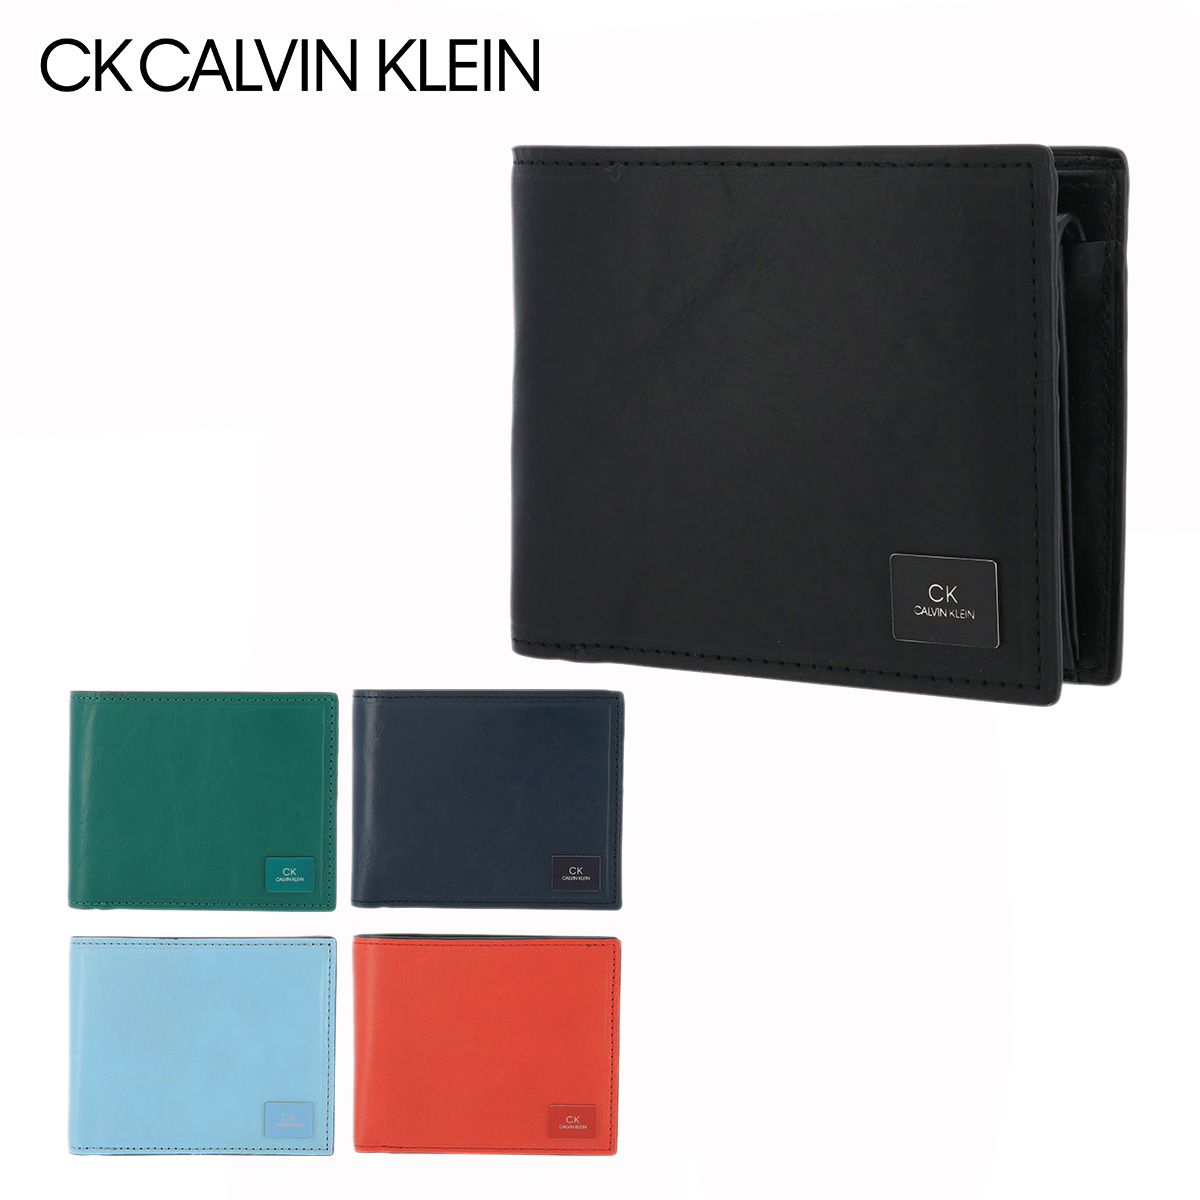 シーケー カルバンクライン 二つ折り財布 ワキシー メンズ 809623 CK CALVIN KLEIN   牛革 本革 レザー[bef][PO5][即日発送]